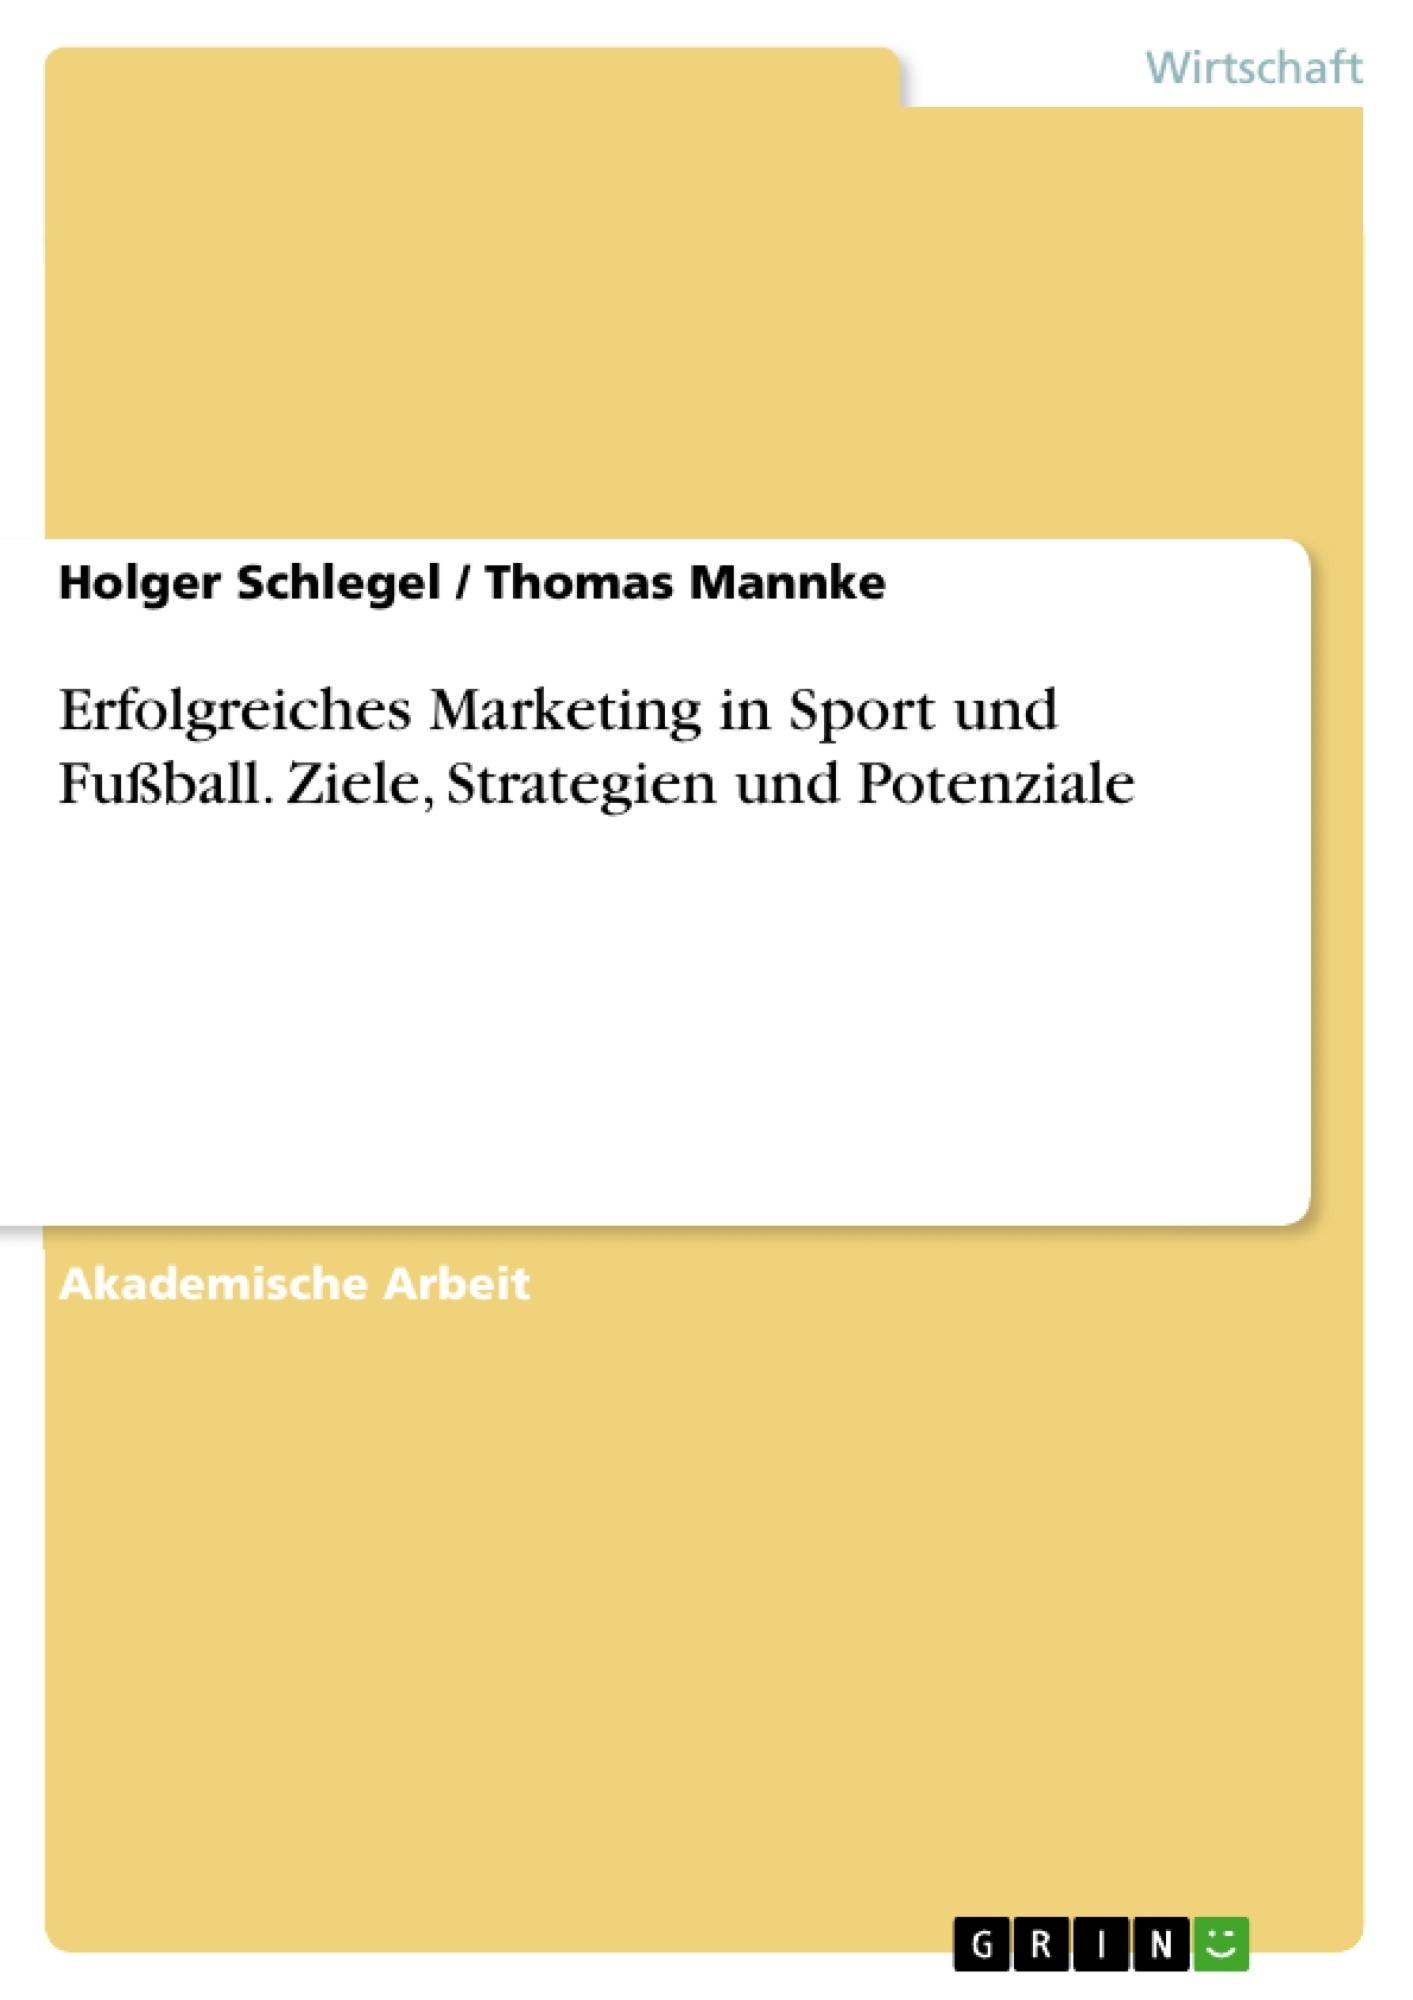 Titel: Erfolgreiches Marketing in Sport und Fußball. Ziele, Strategien und Potenziale